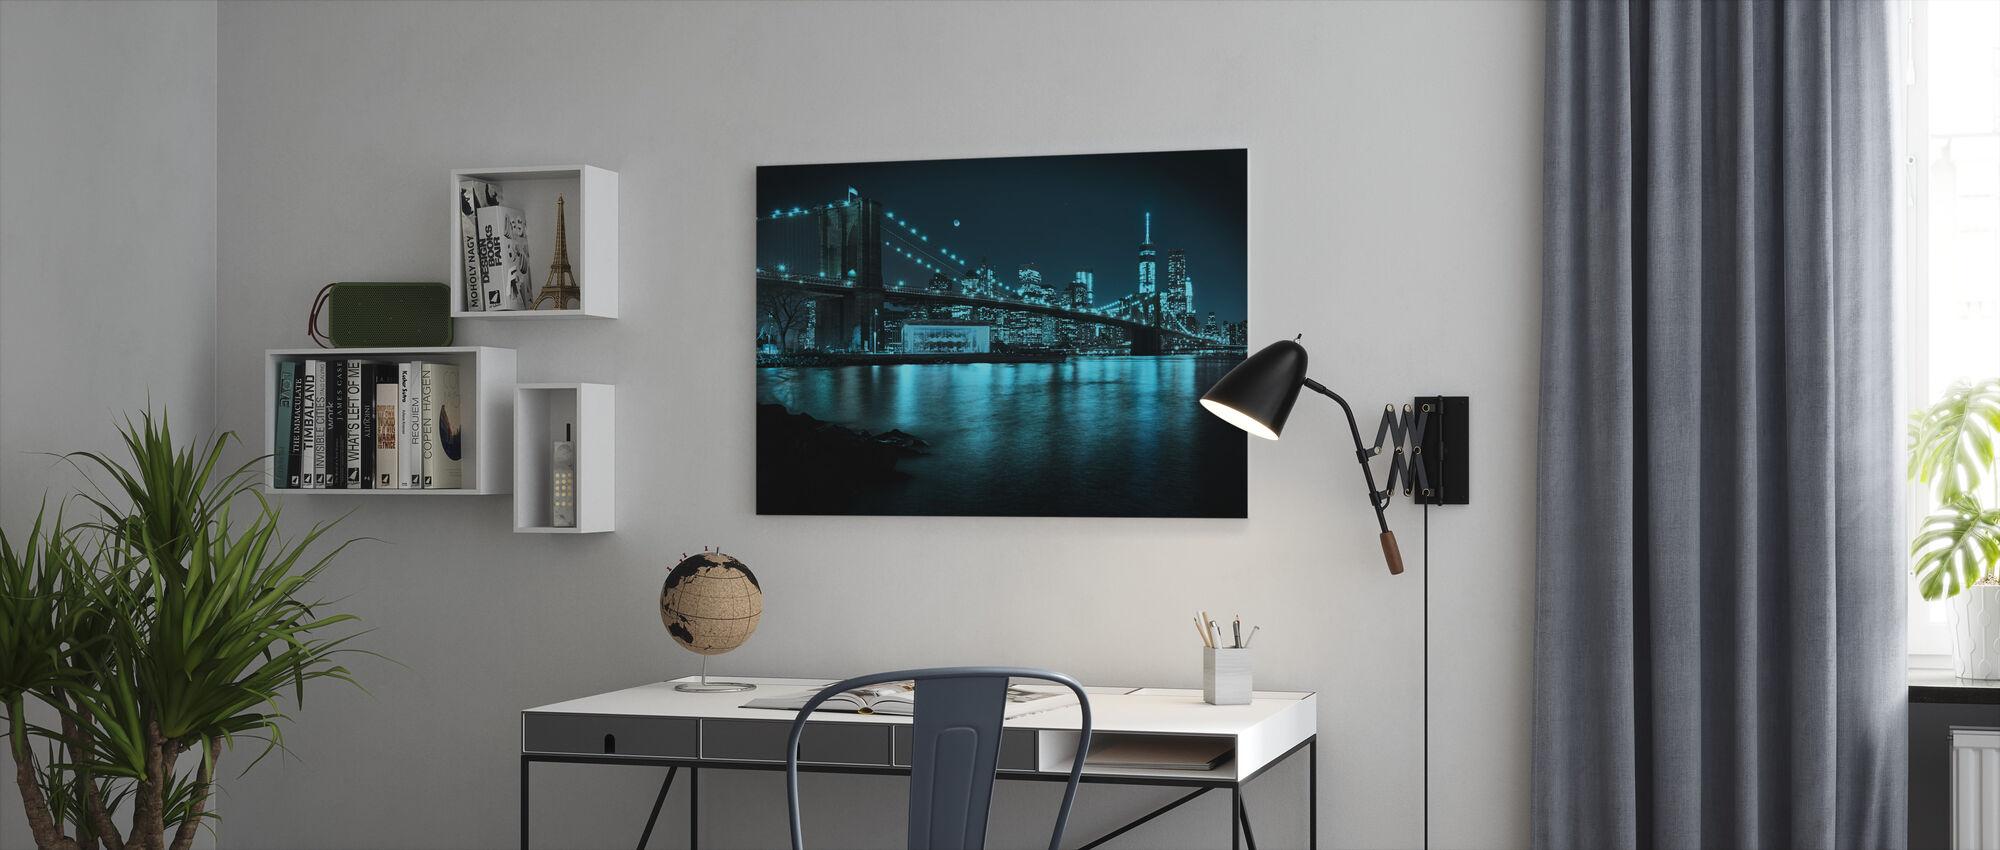 Nieuwe Freedom Tower en Brooklyn Bridge's nachts - Canvas print - Kantoor